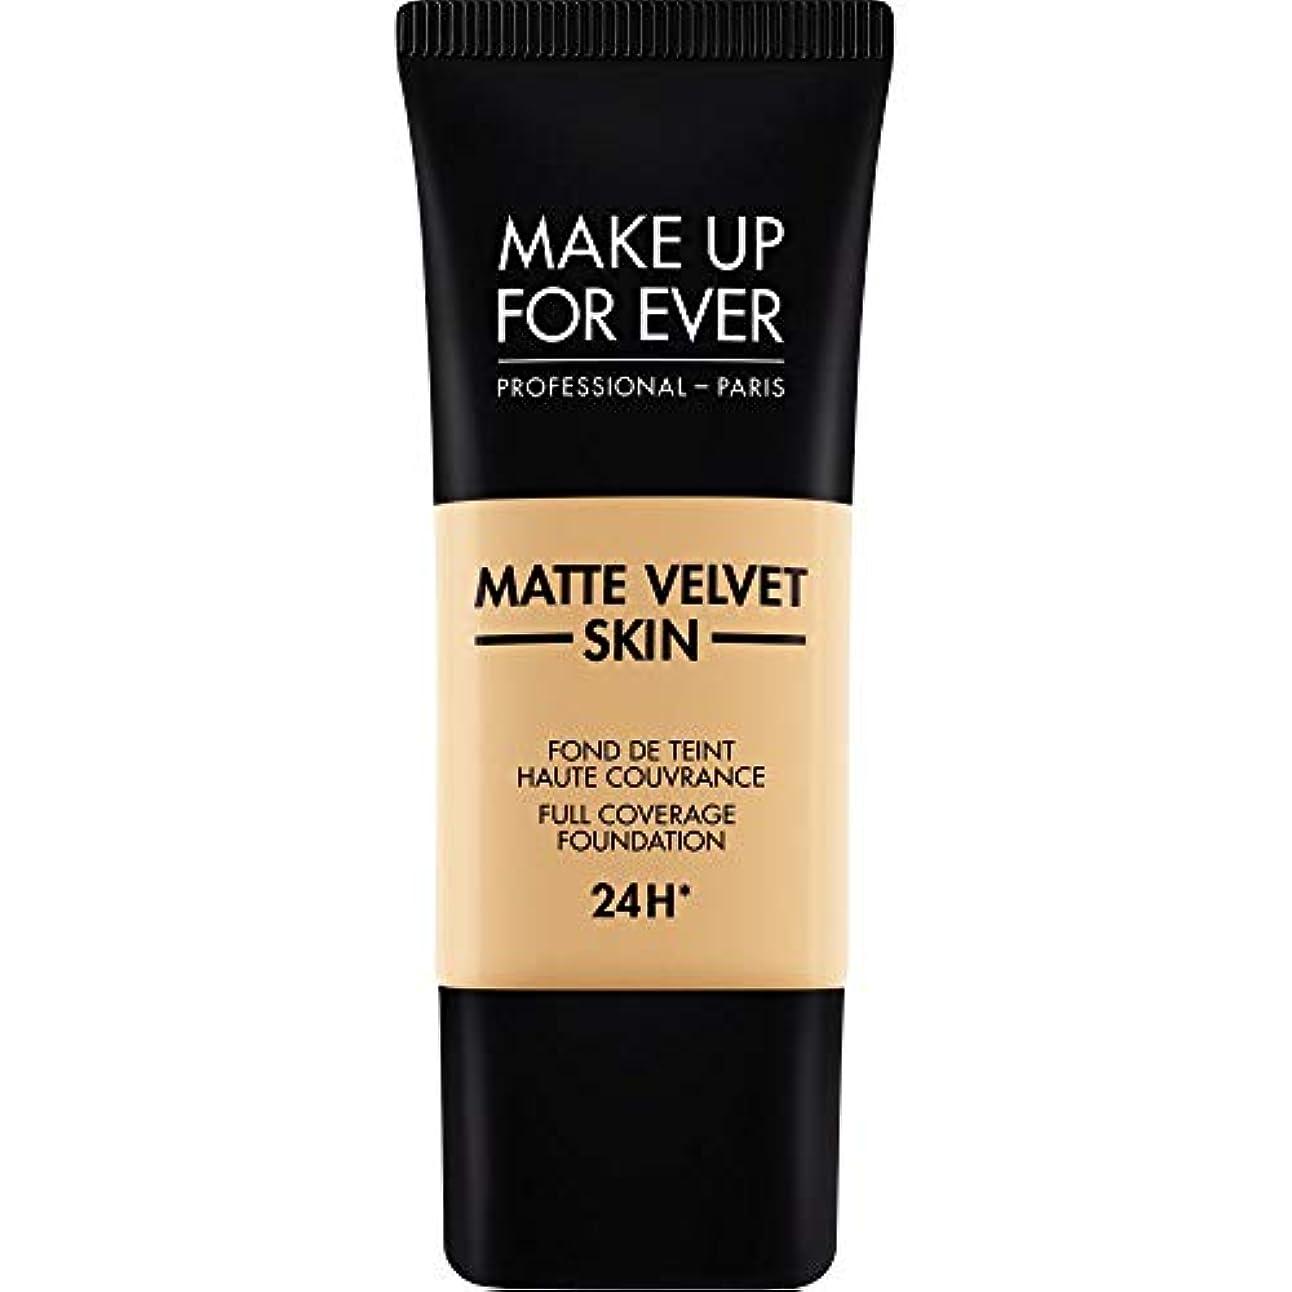 バルコニー葡萄修正[MAKE UP FOR EVER ] これまでマットベルベットの皮膚のフルカバレッジ基礎30ミリリットルのY255を補う - サンドベージュ - MAKE UP FOR EVER Matte Velvet Skin Full...